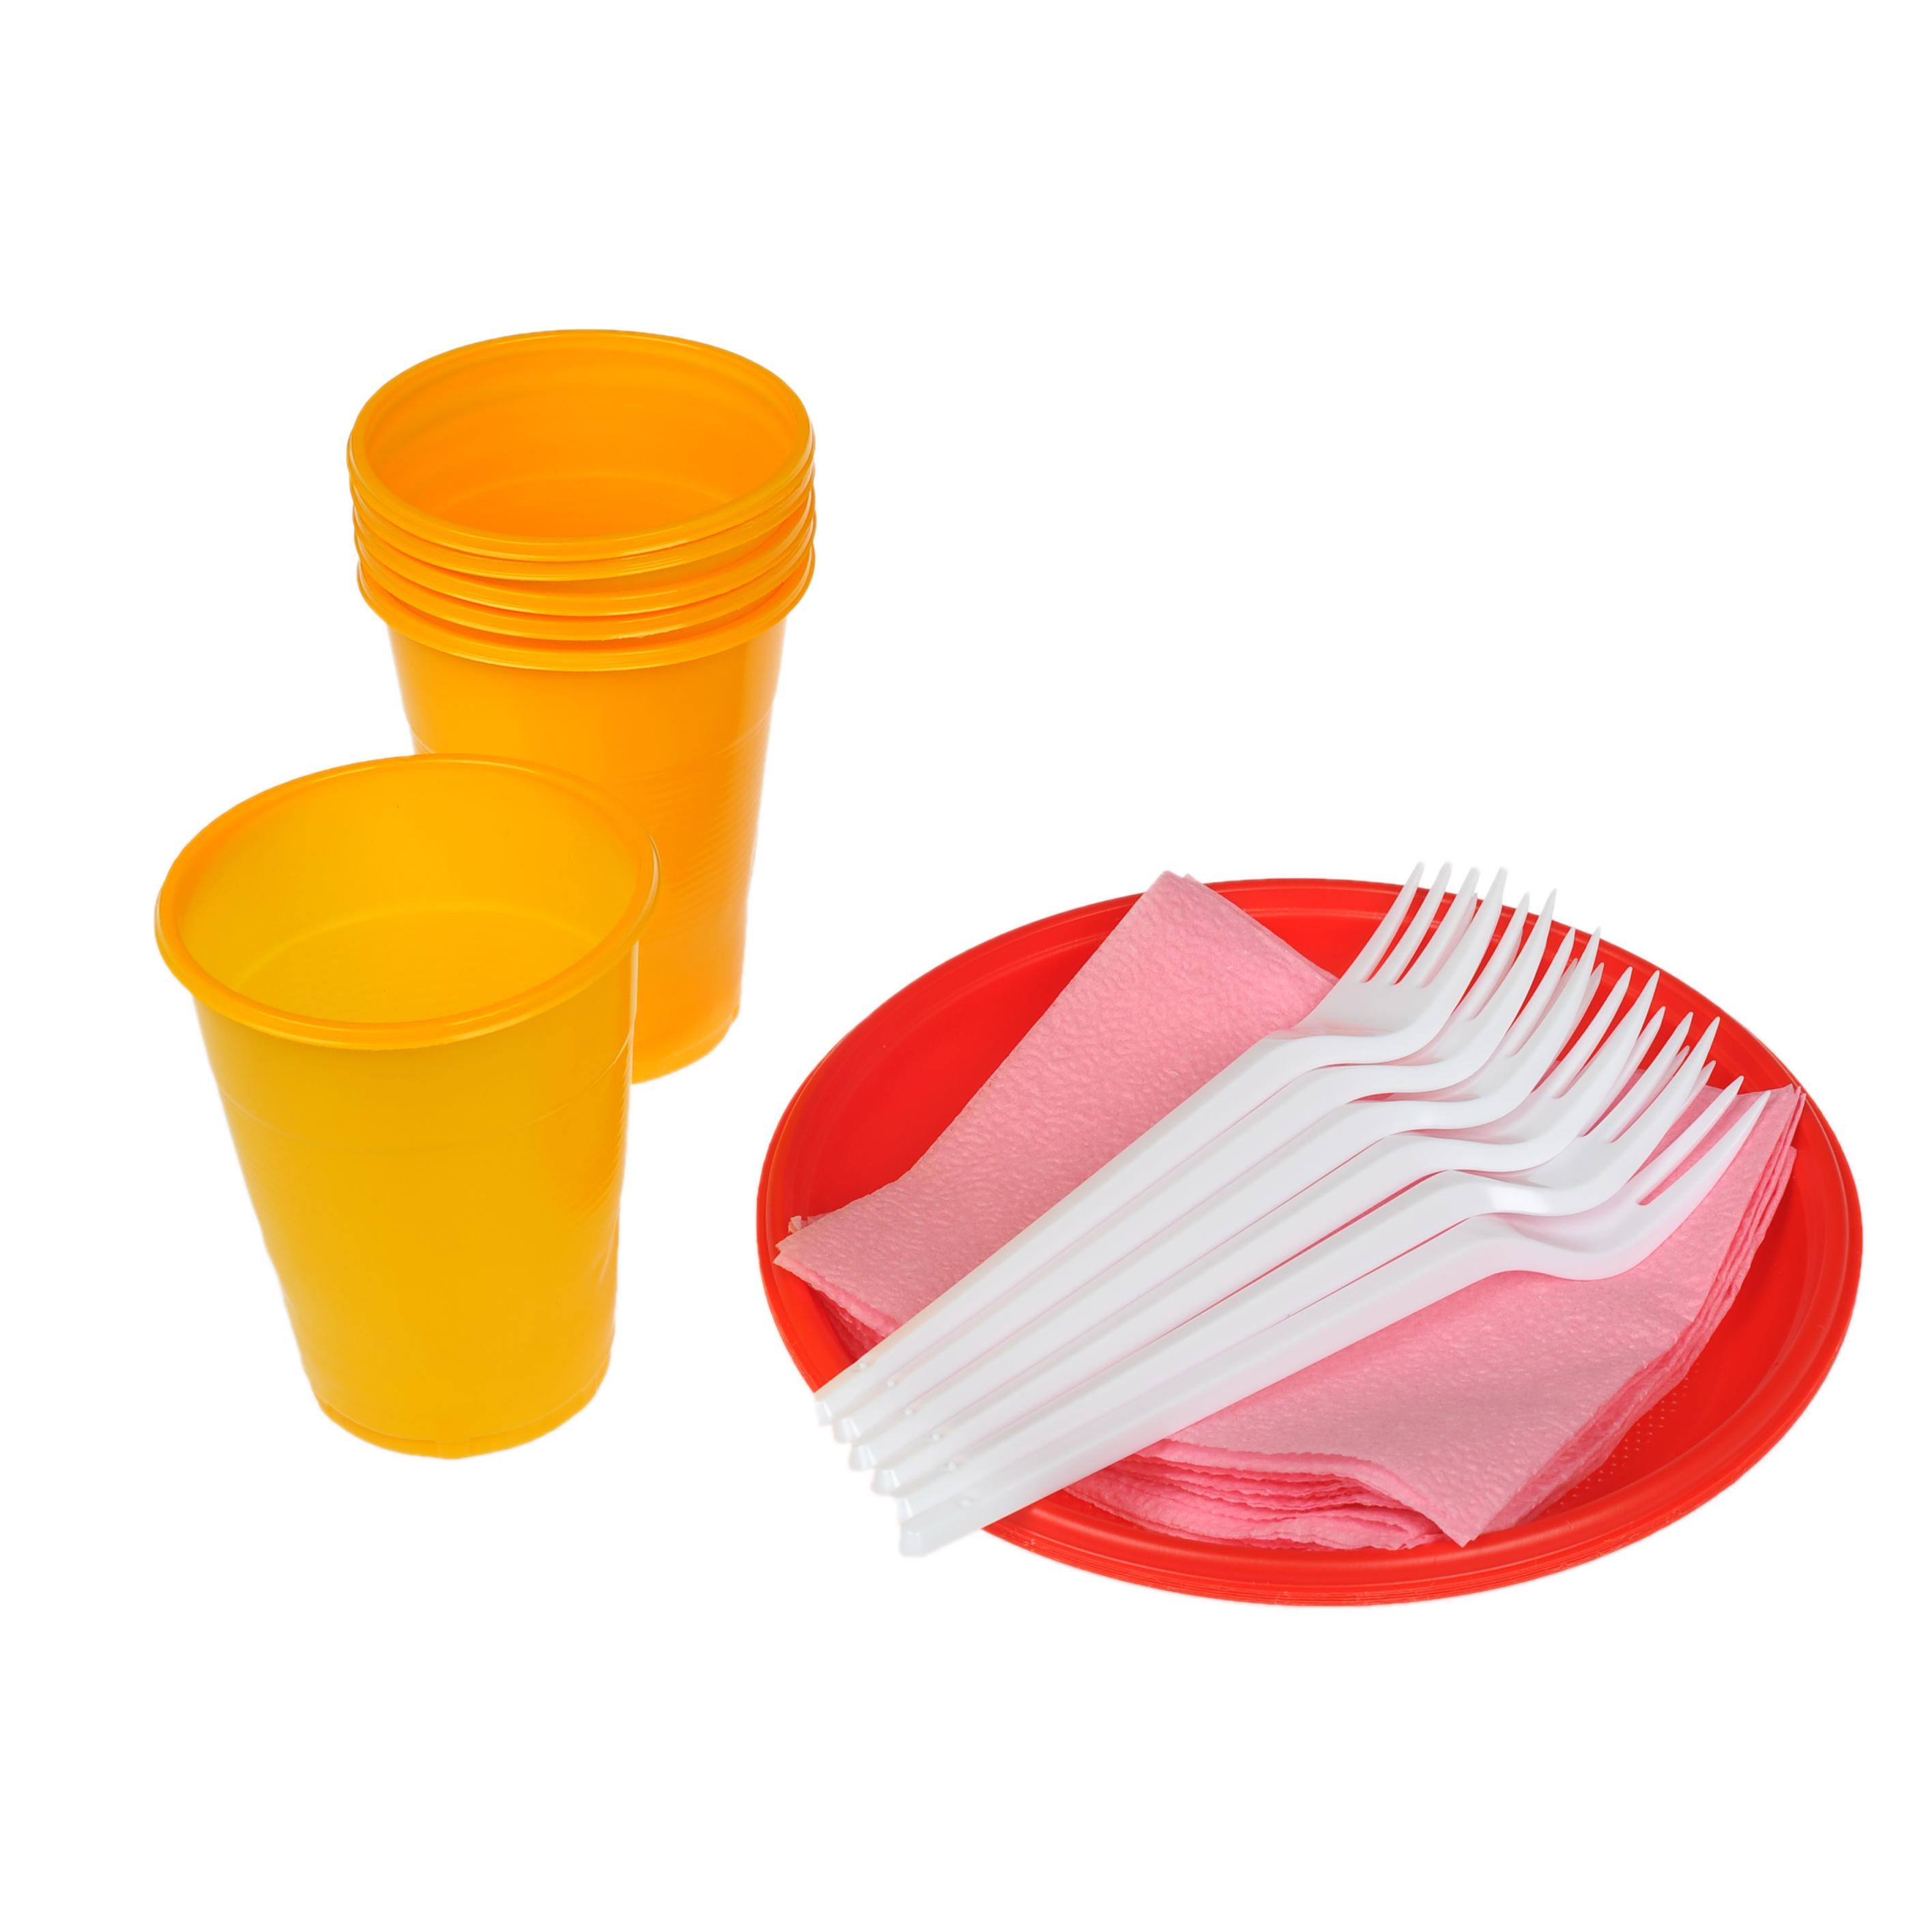 Предметная фотосъемка одноразовой посуды